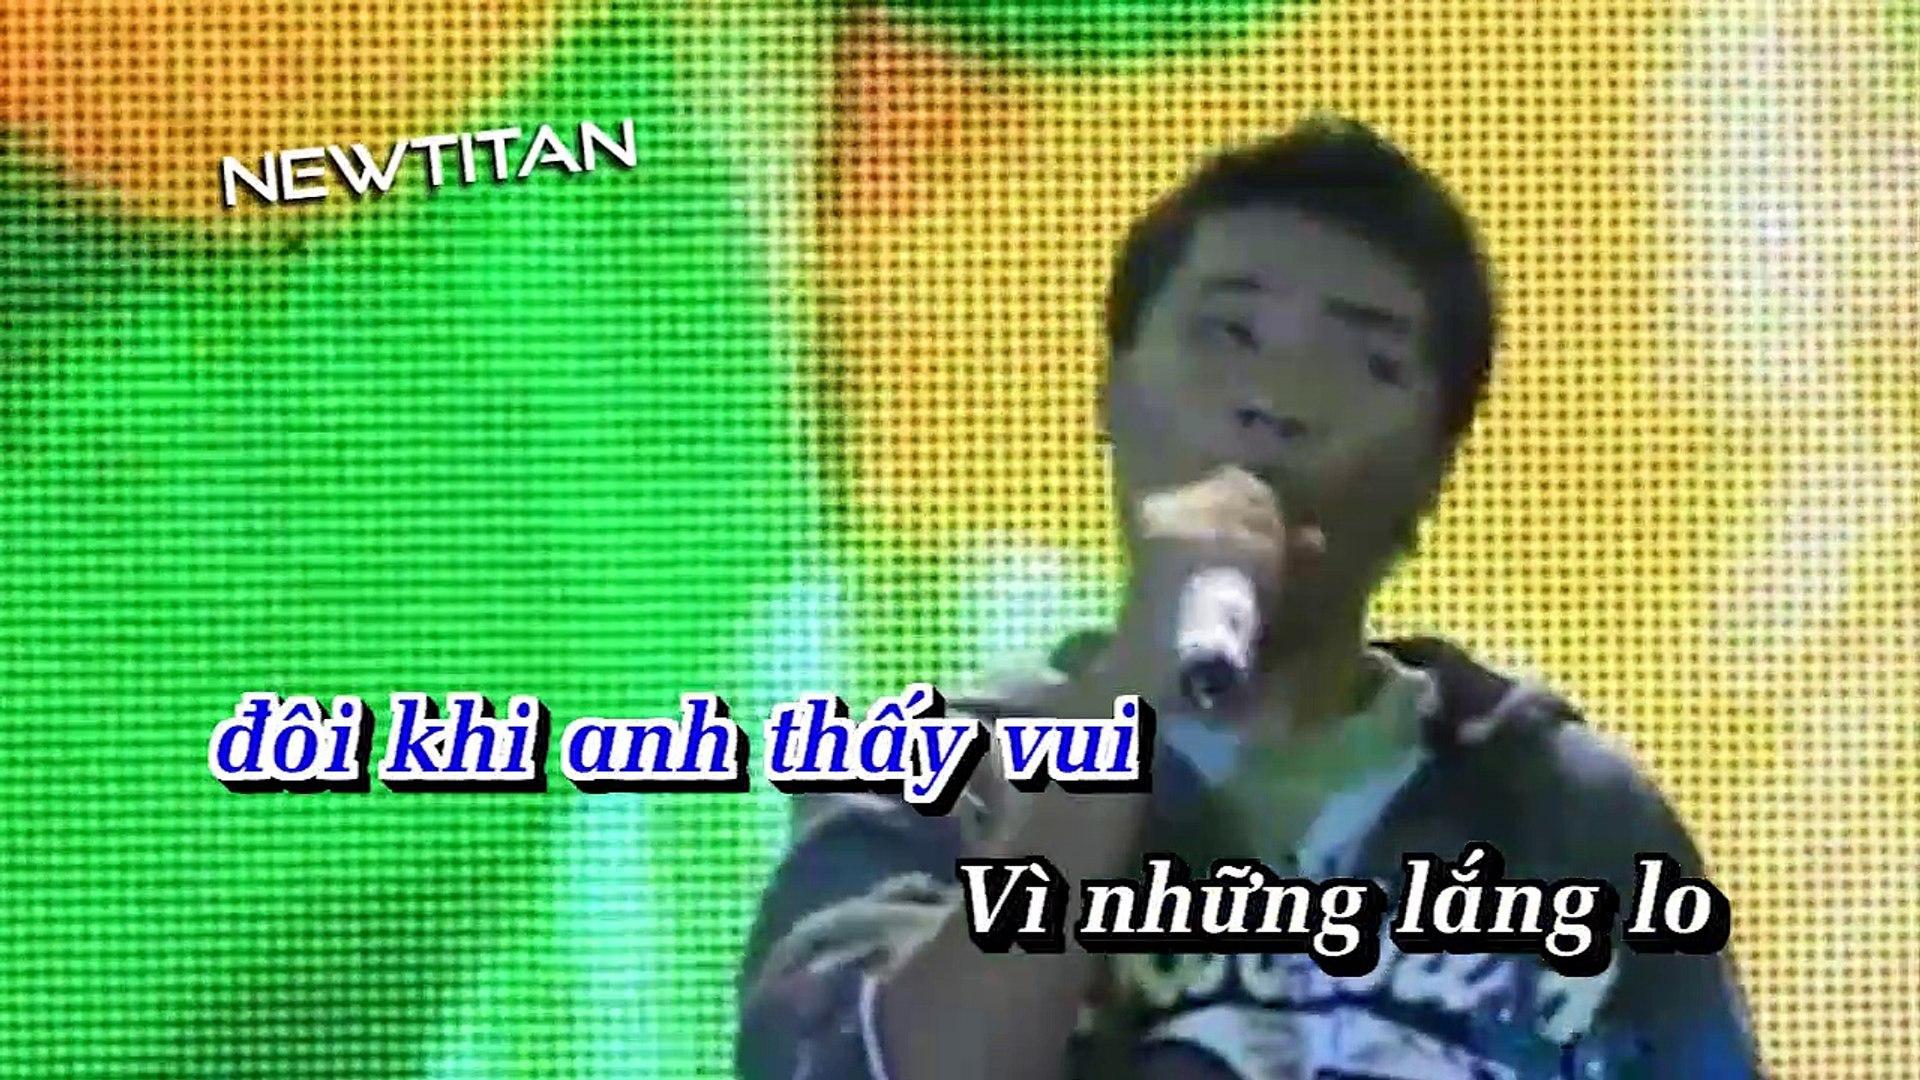 [Karaoke] Luật Cho Người Thay Thế - Hamlet Trương [Beat]